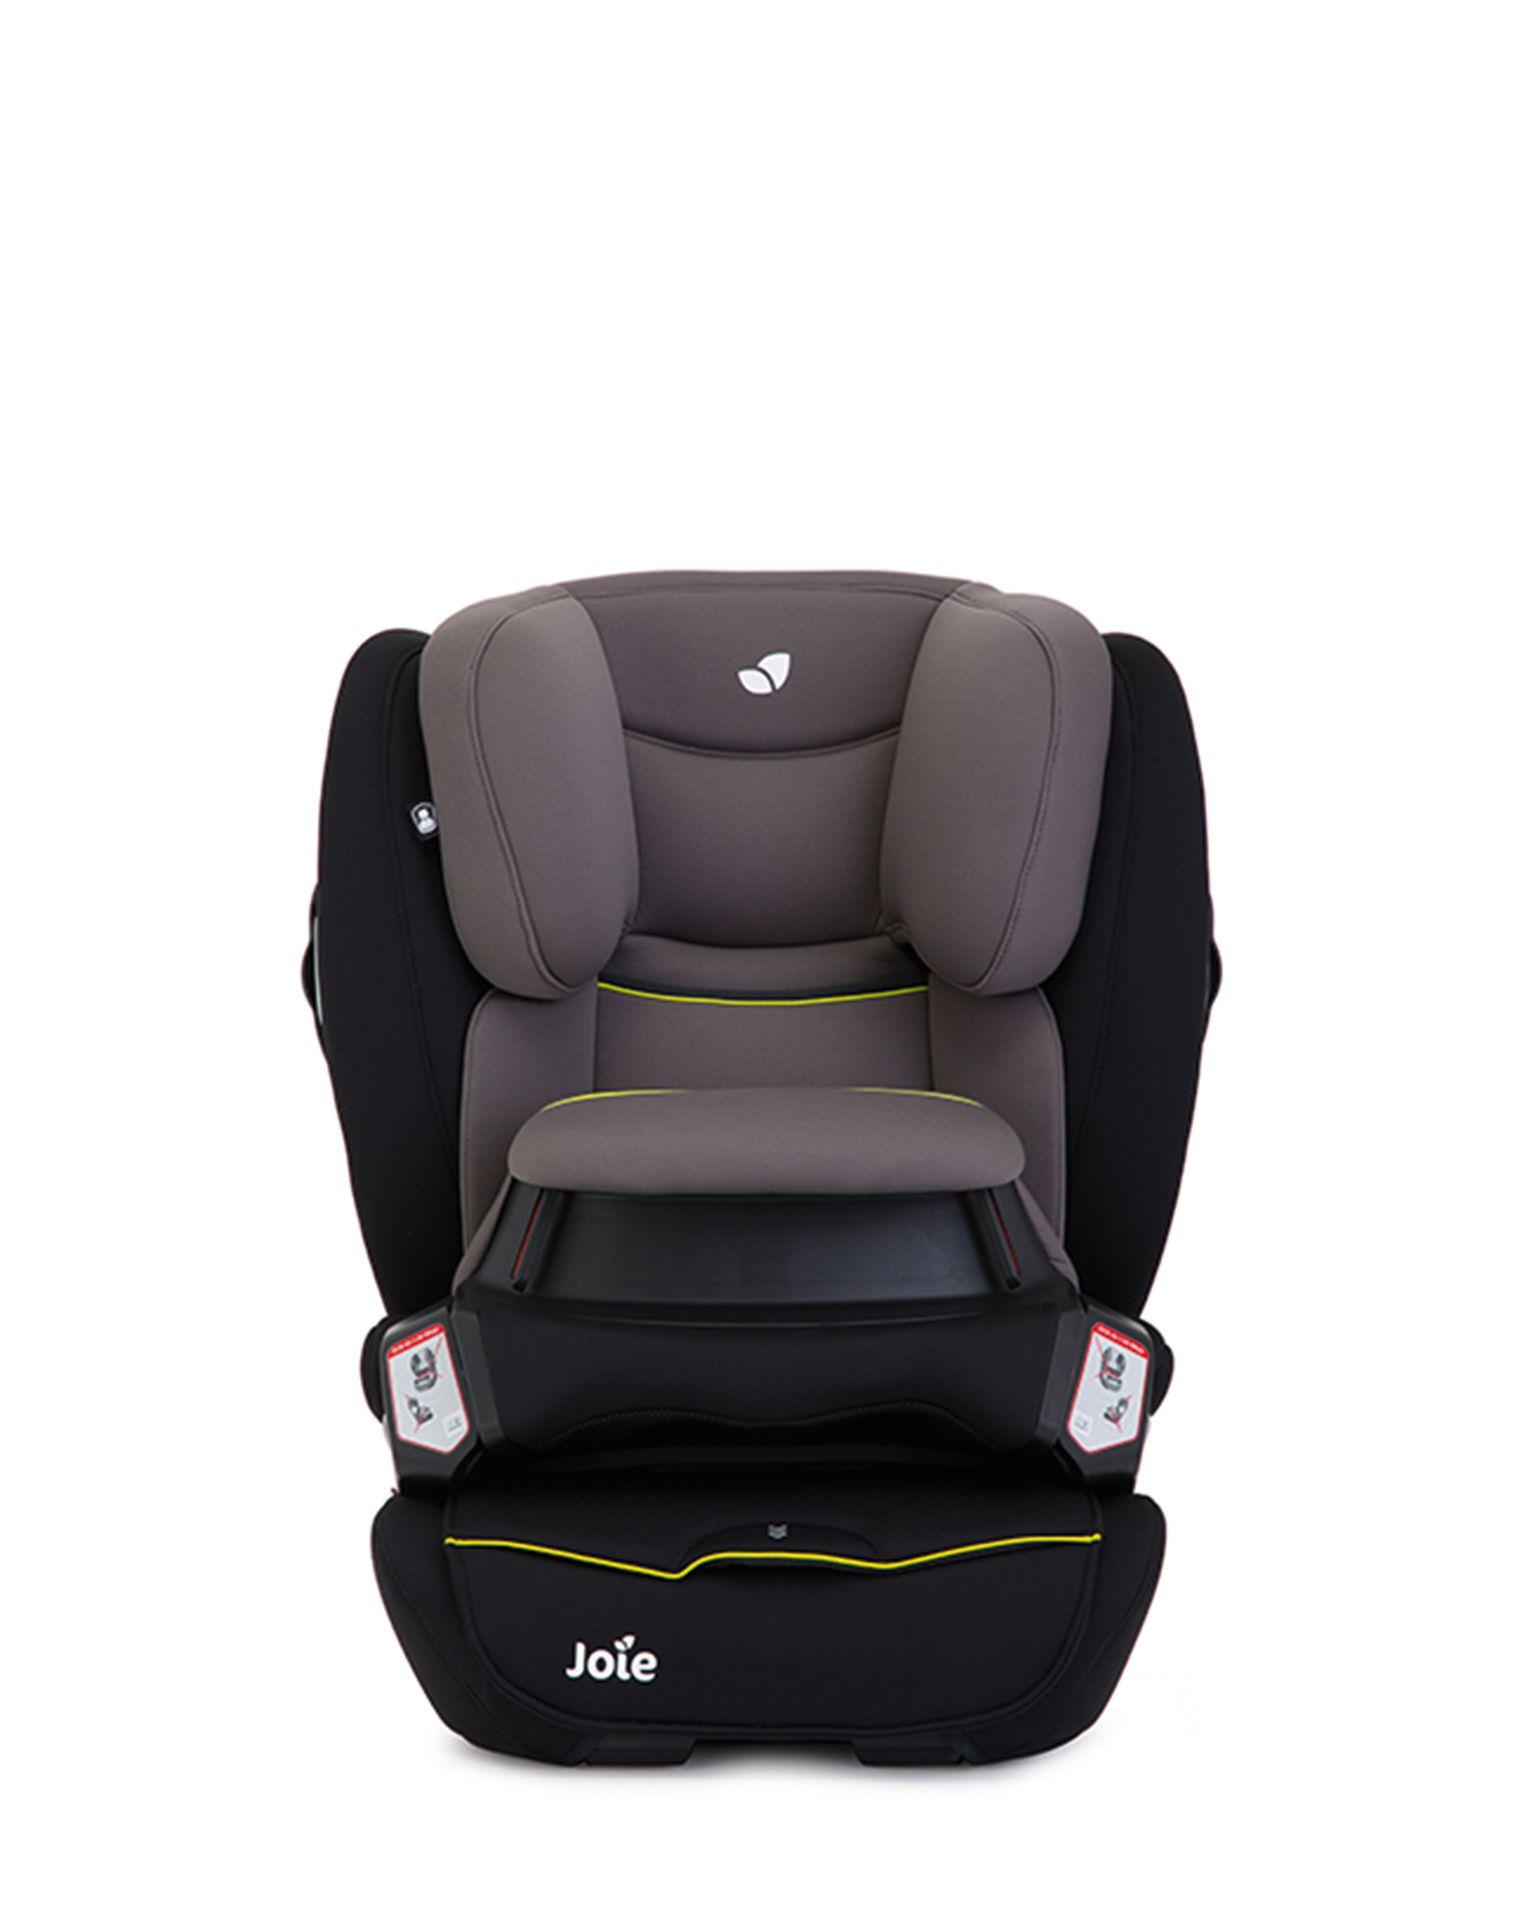 joie car seat transcend 2017 urban buy at kidsroom car seats. Black Bedroom Furniture Sets. Home Design Ideas